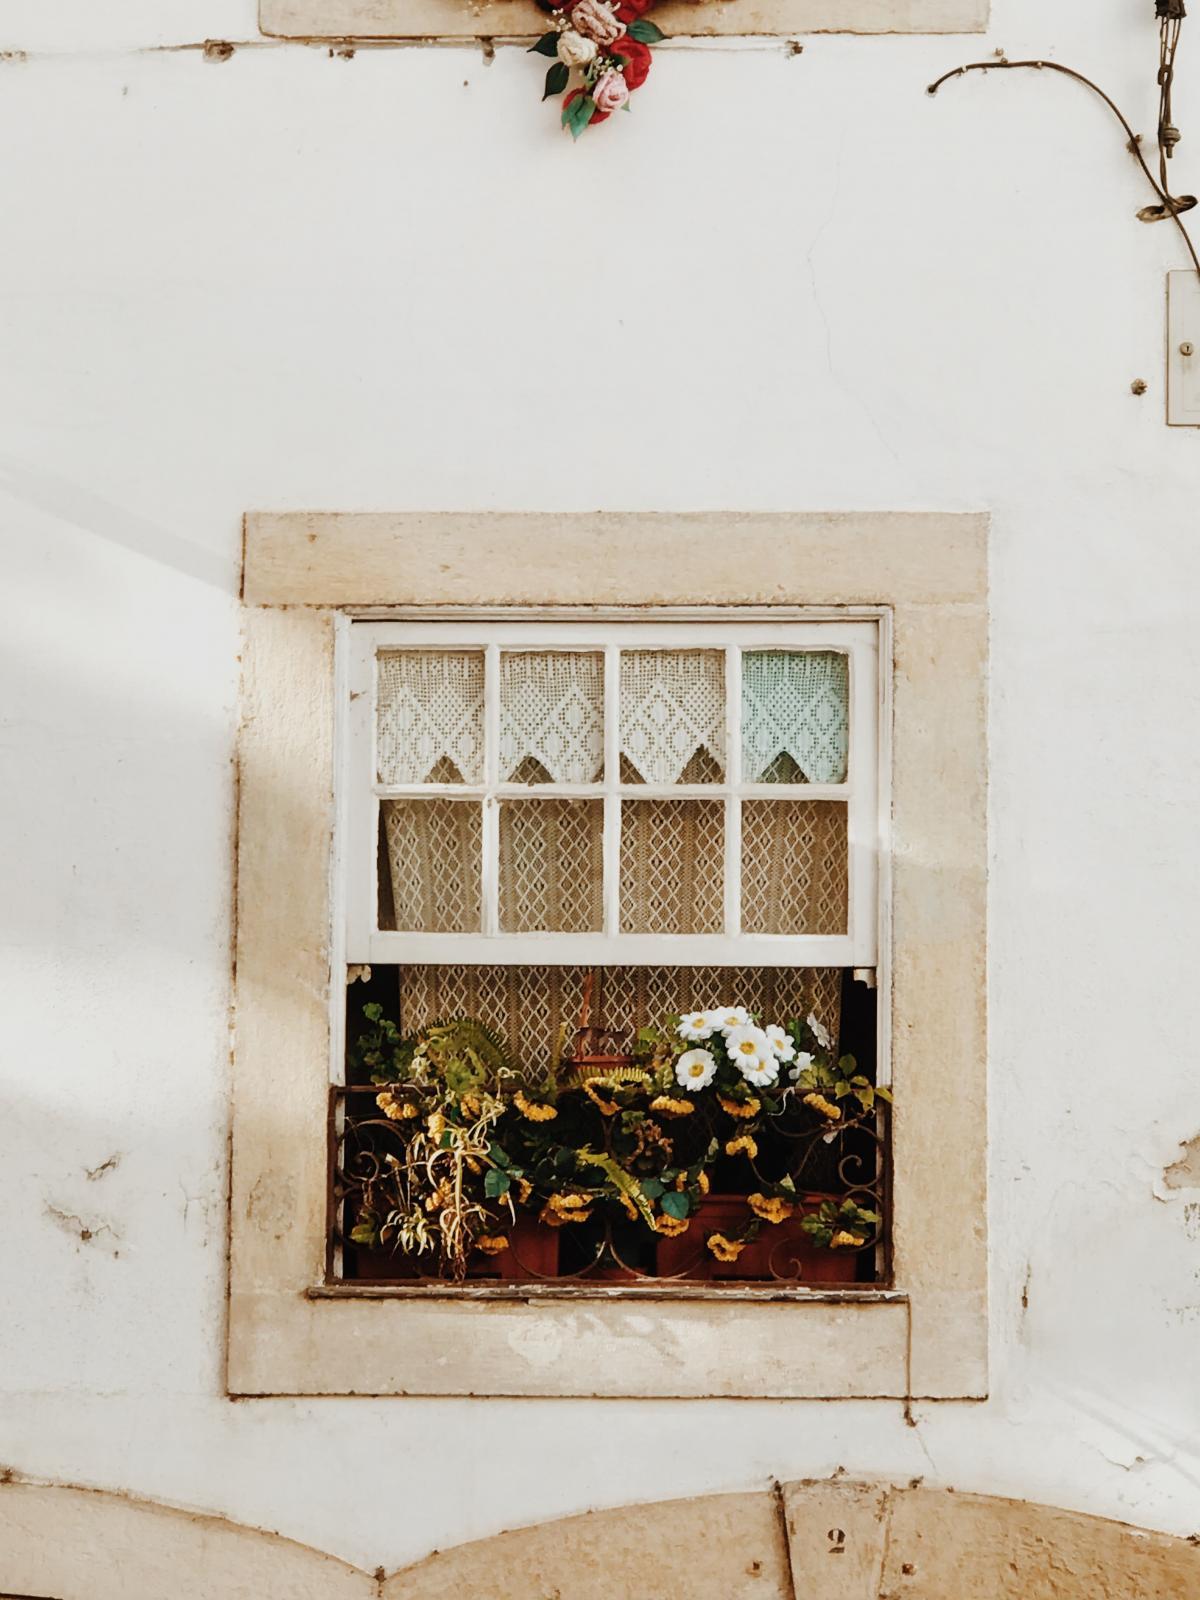 Window Wall Old #422750